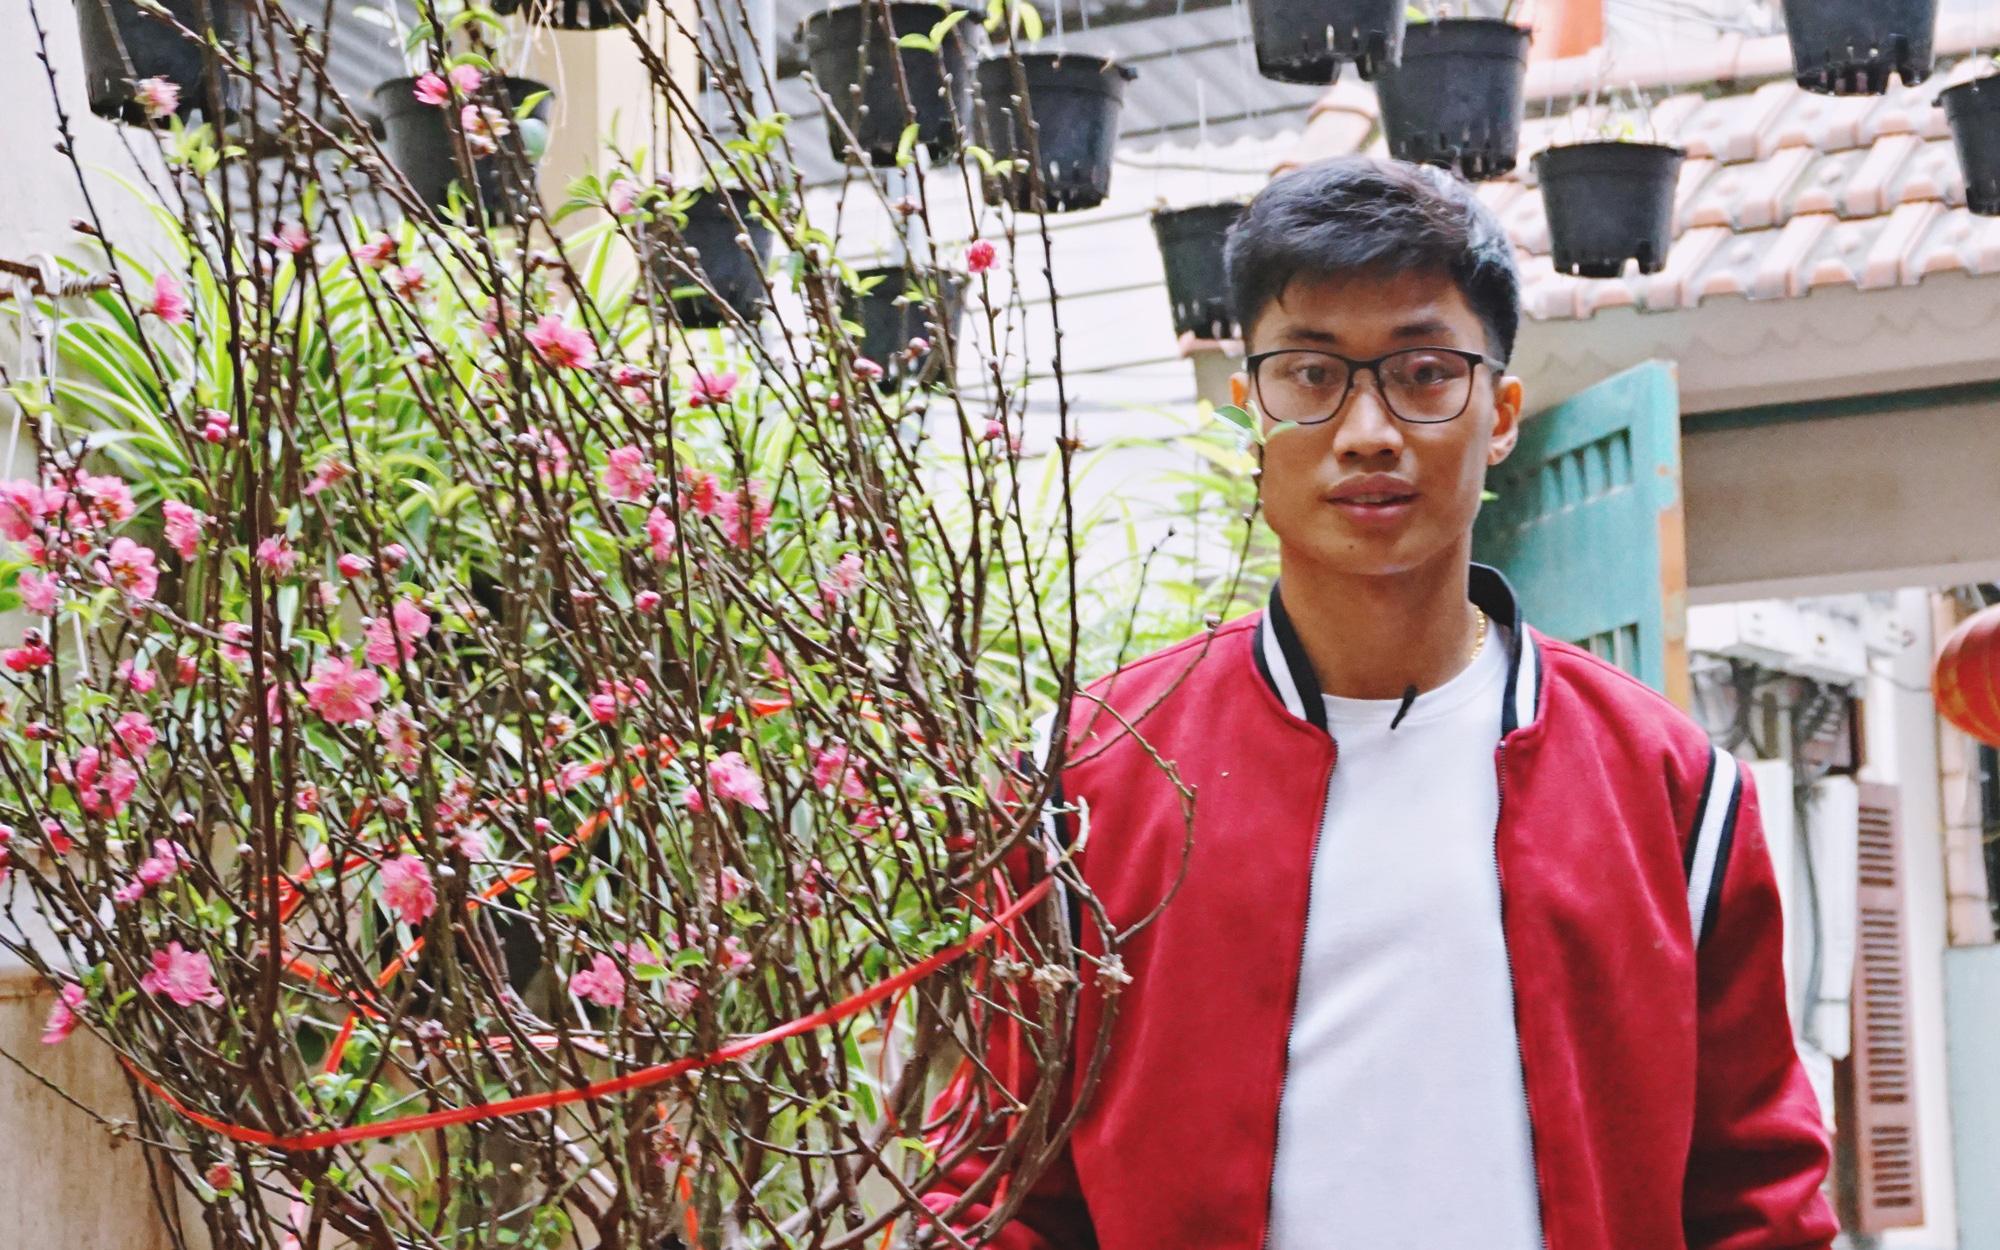 Thủ thành của CLB Hà Nội chia sẻ cảm động về ý nghĩa của ngày Tết, cùng mẹ đi chợ và gói bánh chưng cúng Tất niên